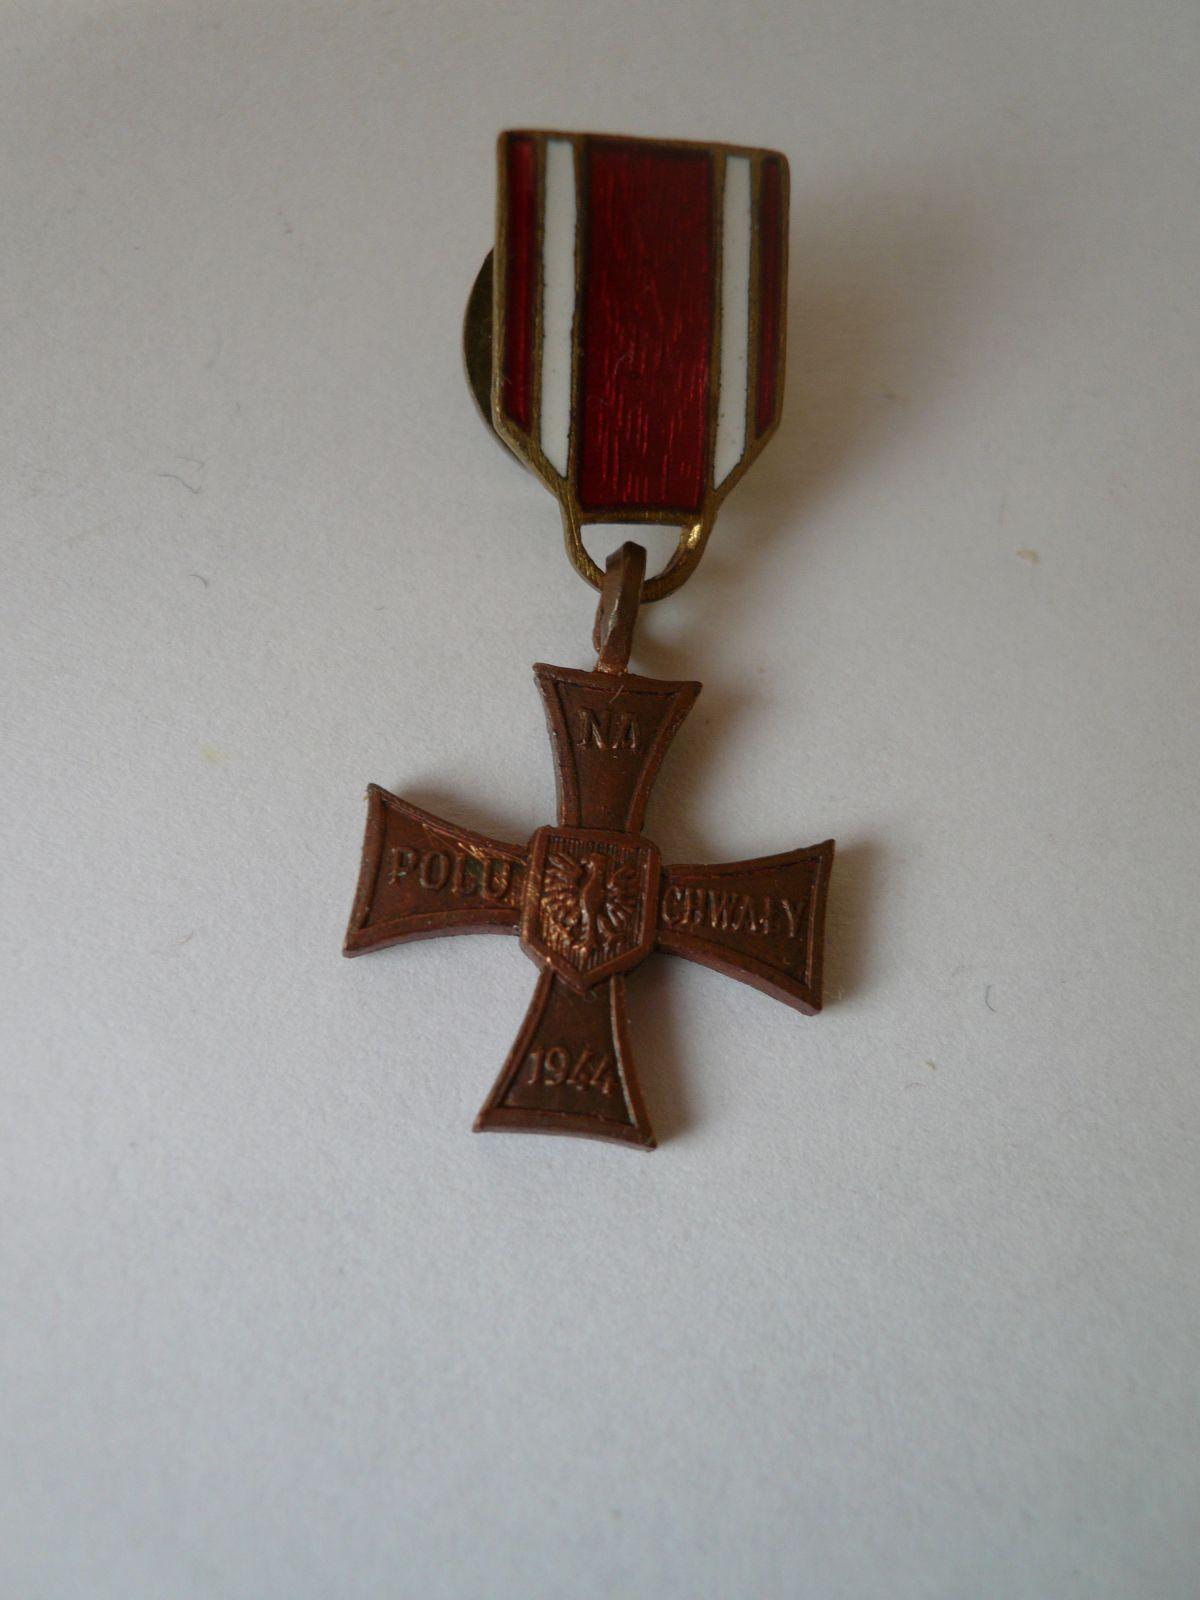 miniatura kříže, 1944, Polsko